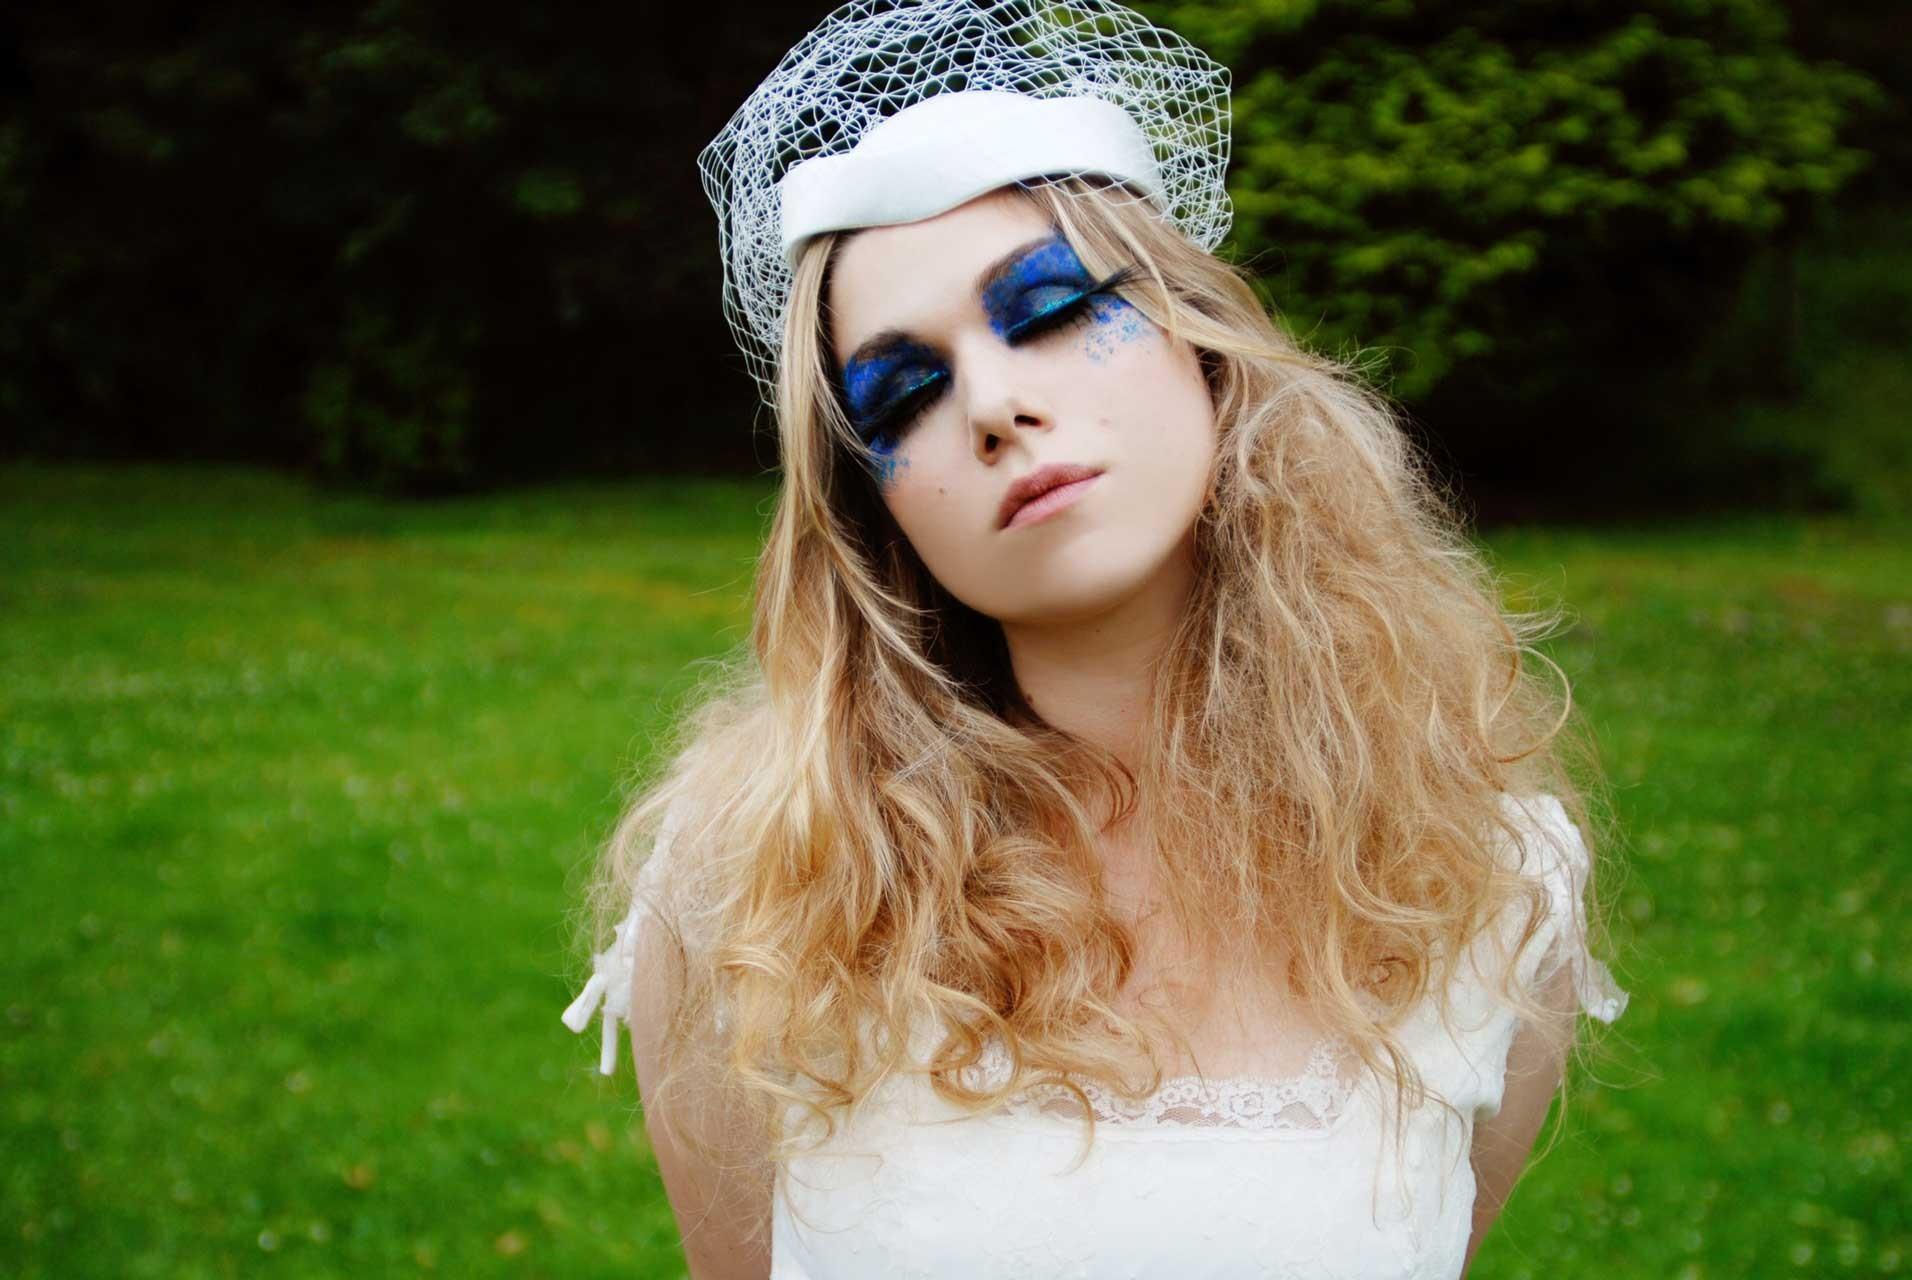 Laure-Maud_07_photographe_mode-ethique-fashion-DIY_100-pour-100-recyle